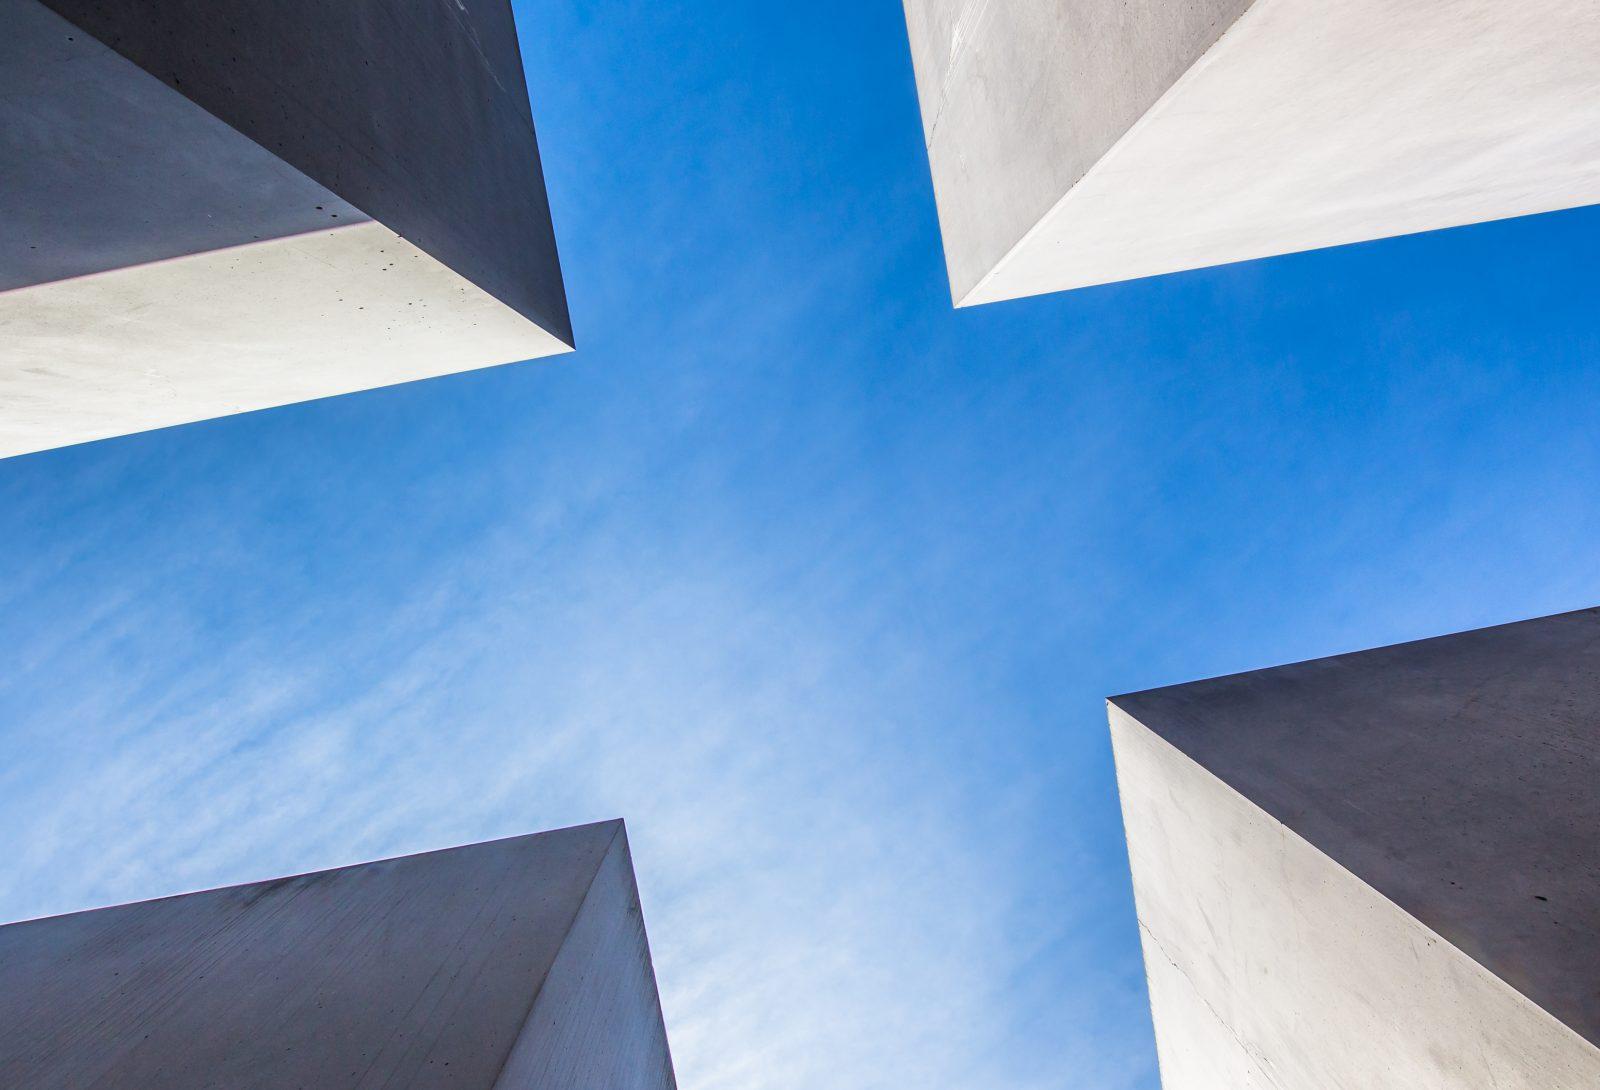 o2jbmia6ias - 9/11 Memorial and Museum